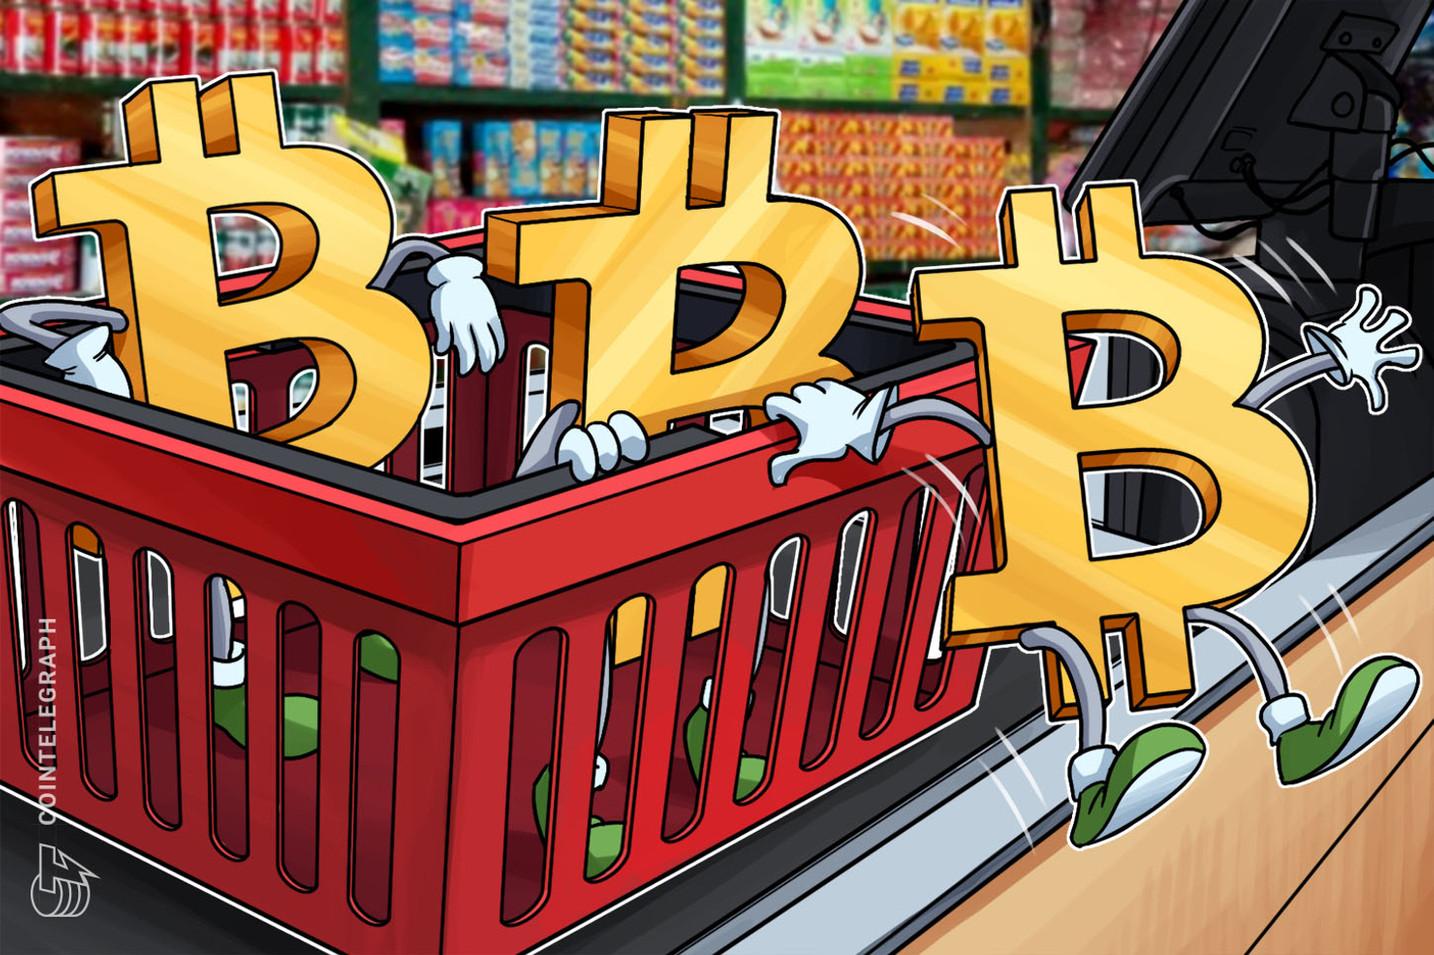 ピザに1万BTC払った男になりたいのか? 仮想通貨ビットコインは「まだ使う時ではない」=米ファンド創設者